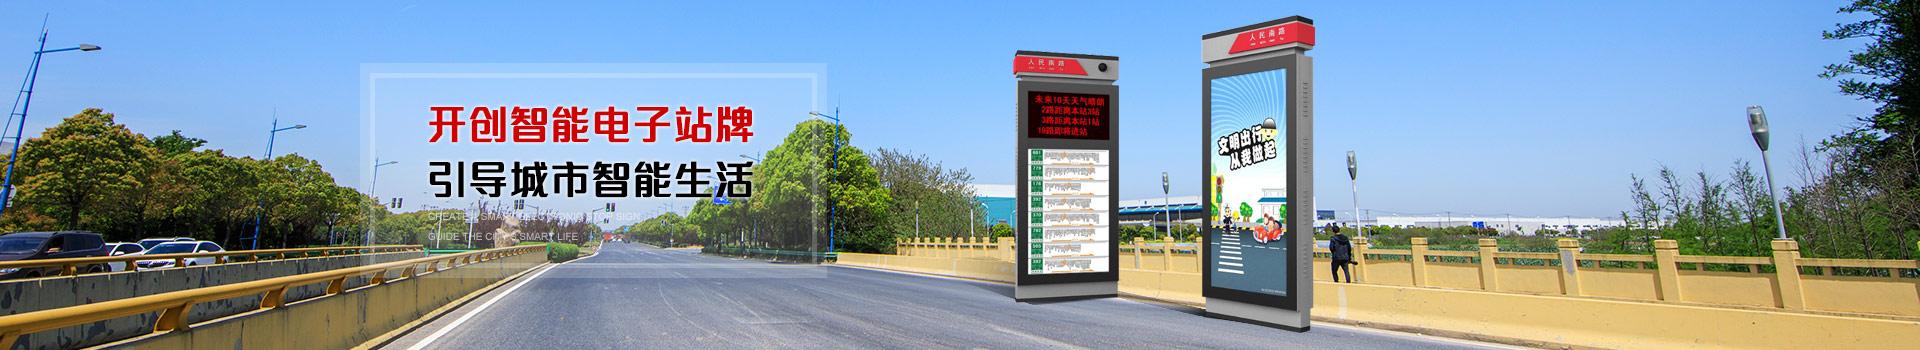 开创智能电子站牌 引导城市智能生活